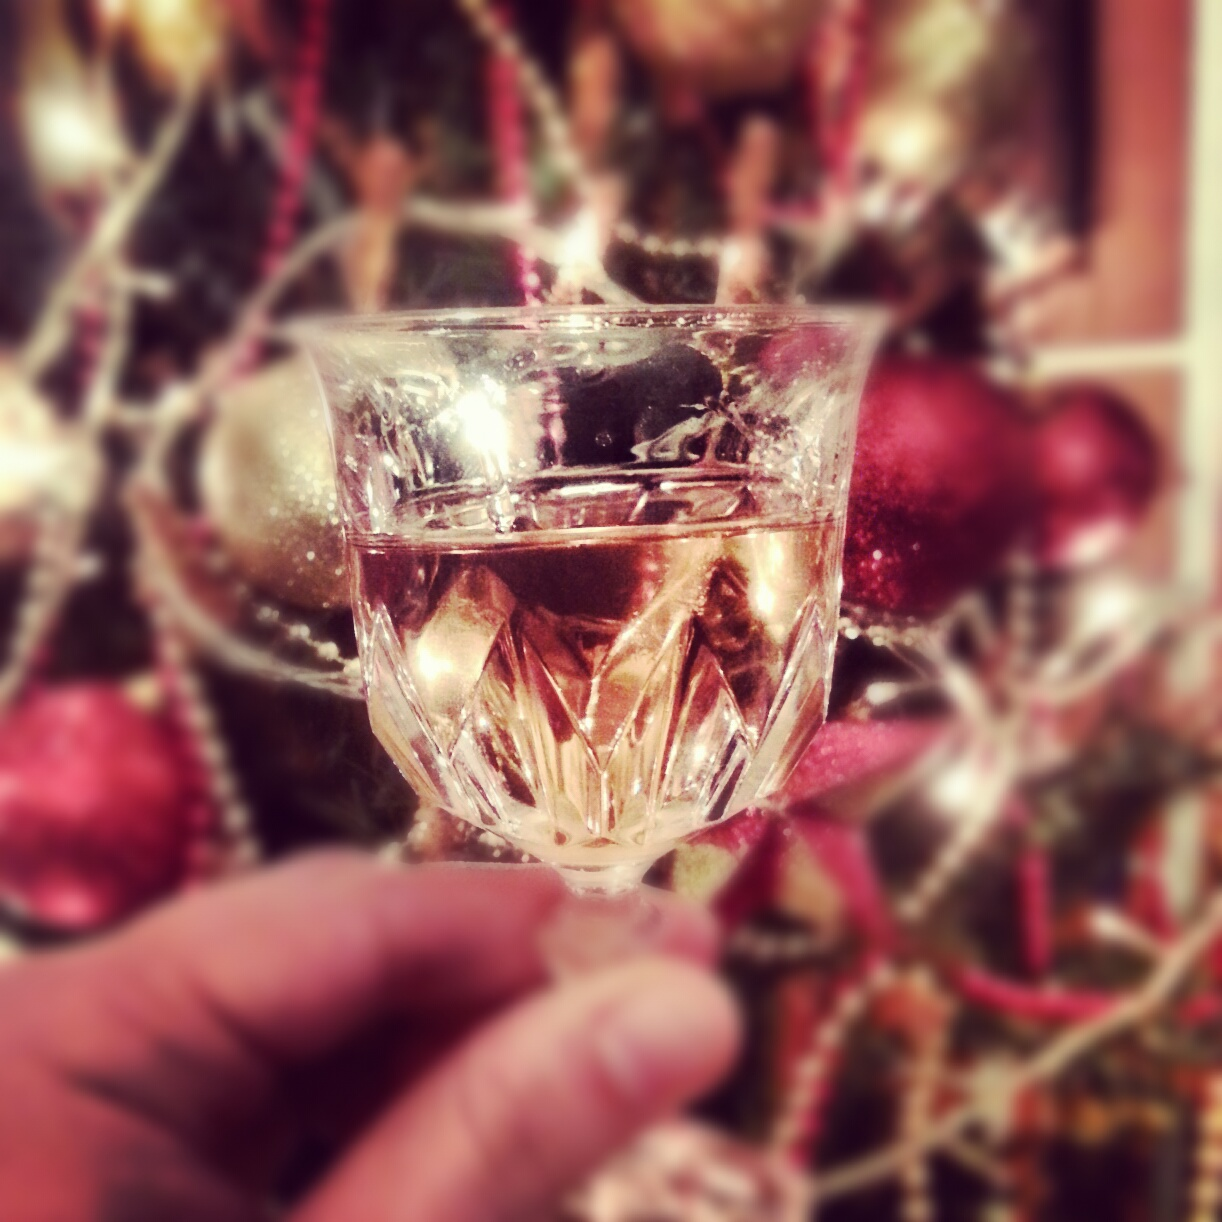 Um brinde a todos neste Dia de Natal... com uma bela jeropiga.. ;)